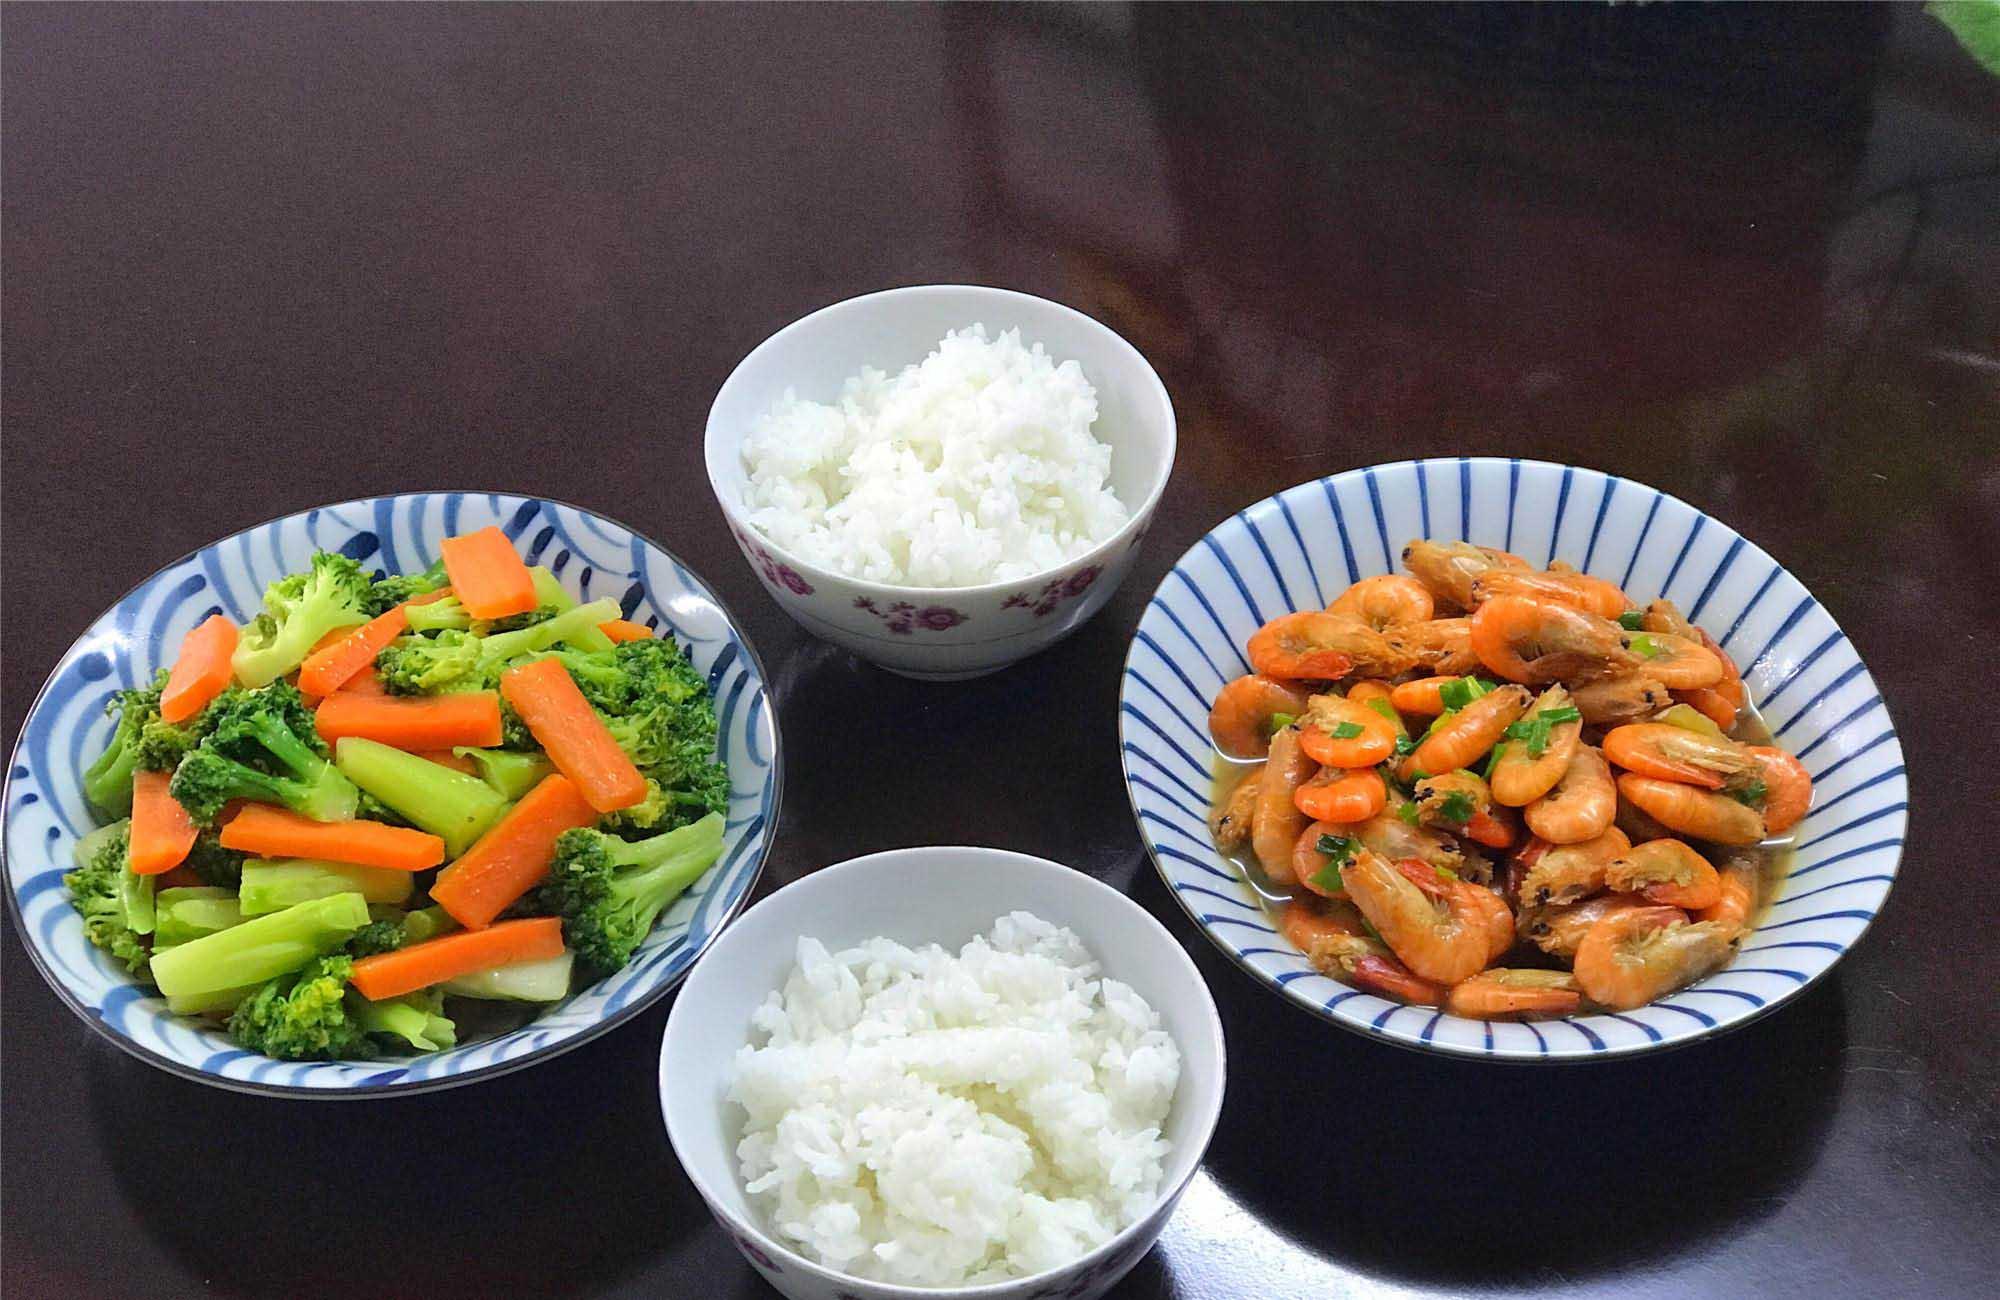 Khỏi vắt óc thực đơn cho cả tuần tới, mỗi bữa chỉ đơn giản 2-3 món là đủ - 1